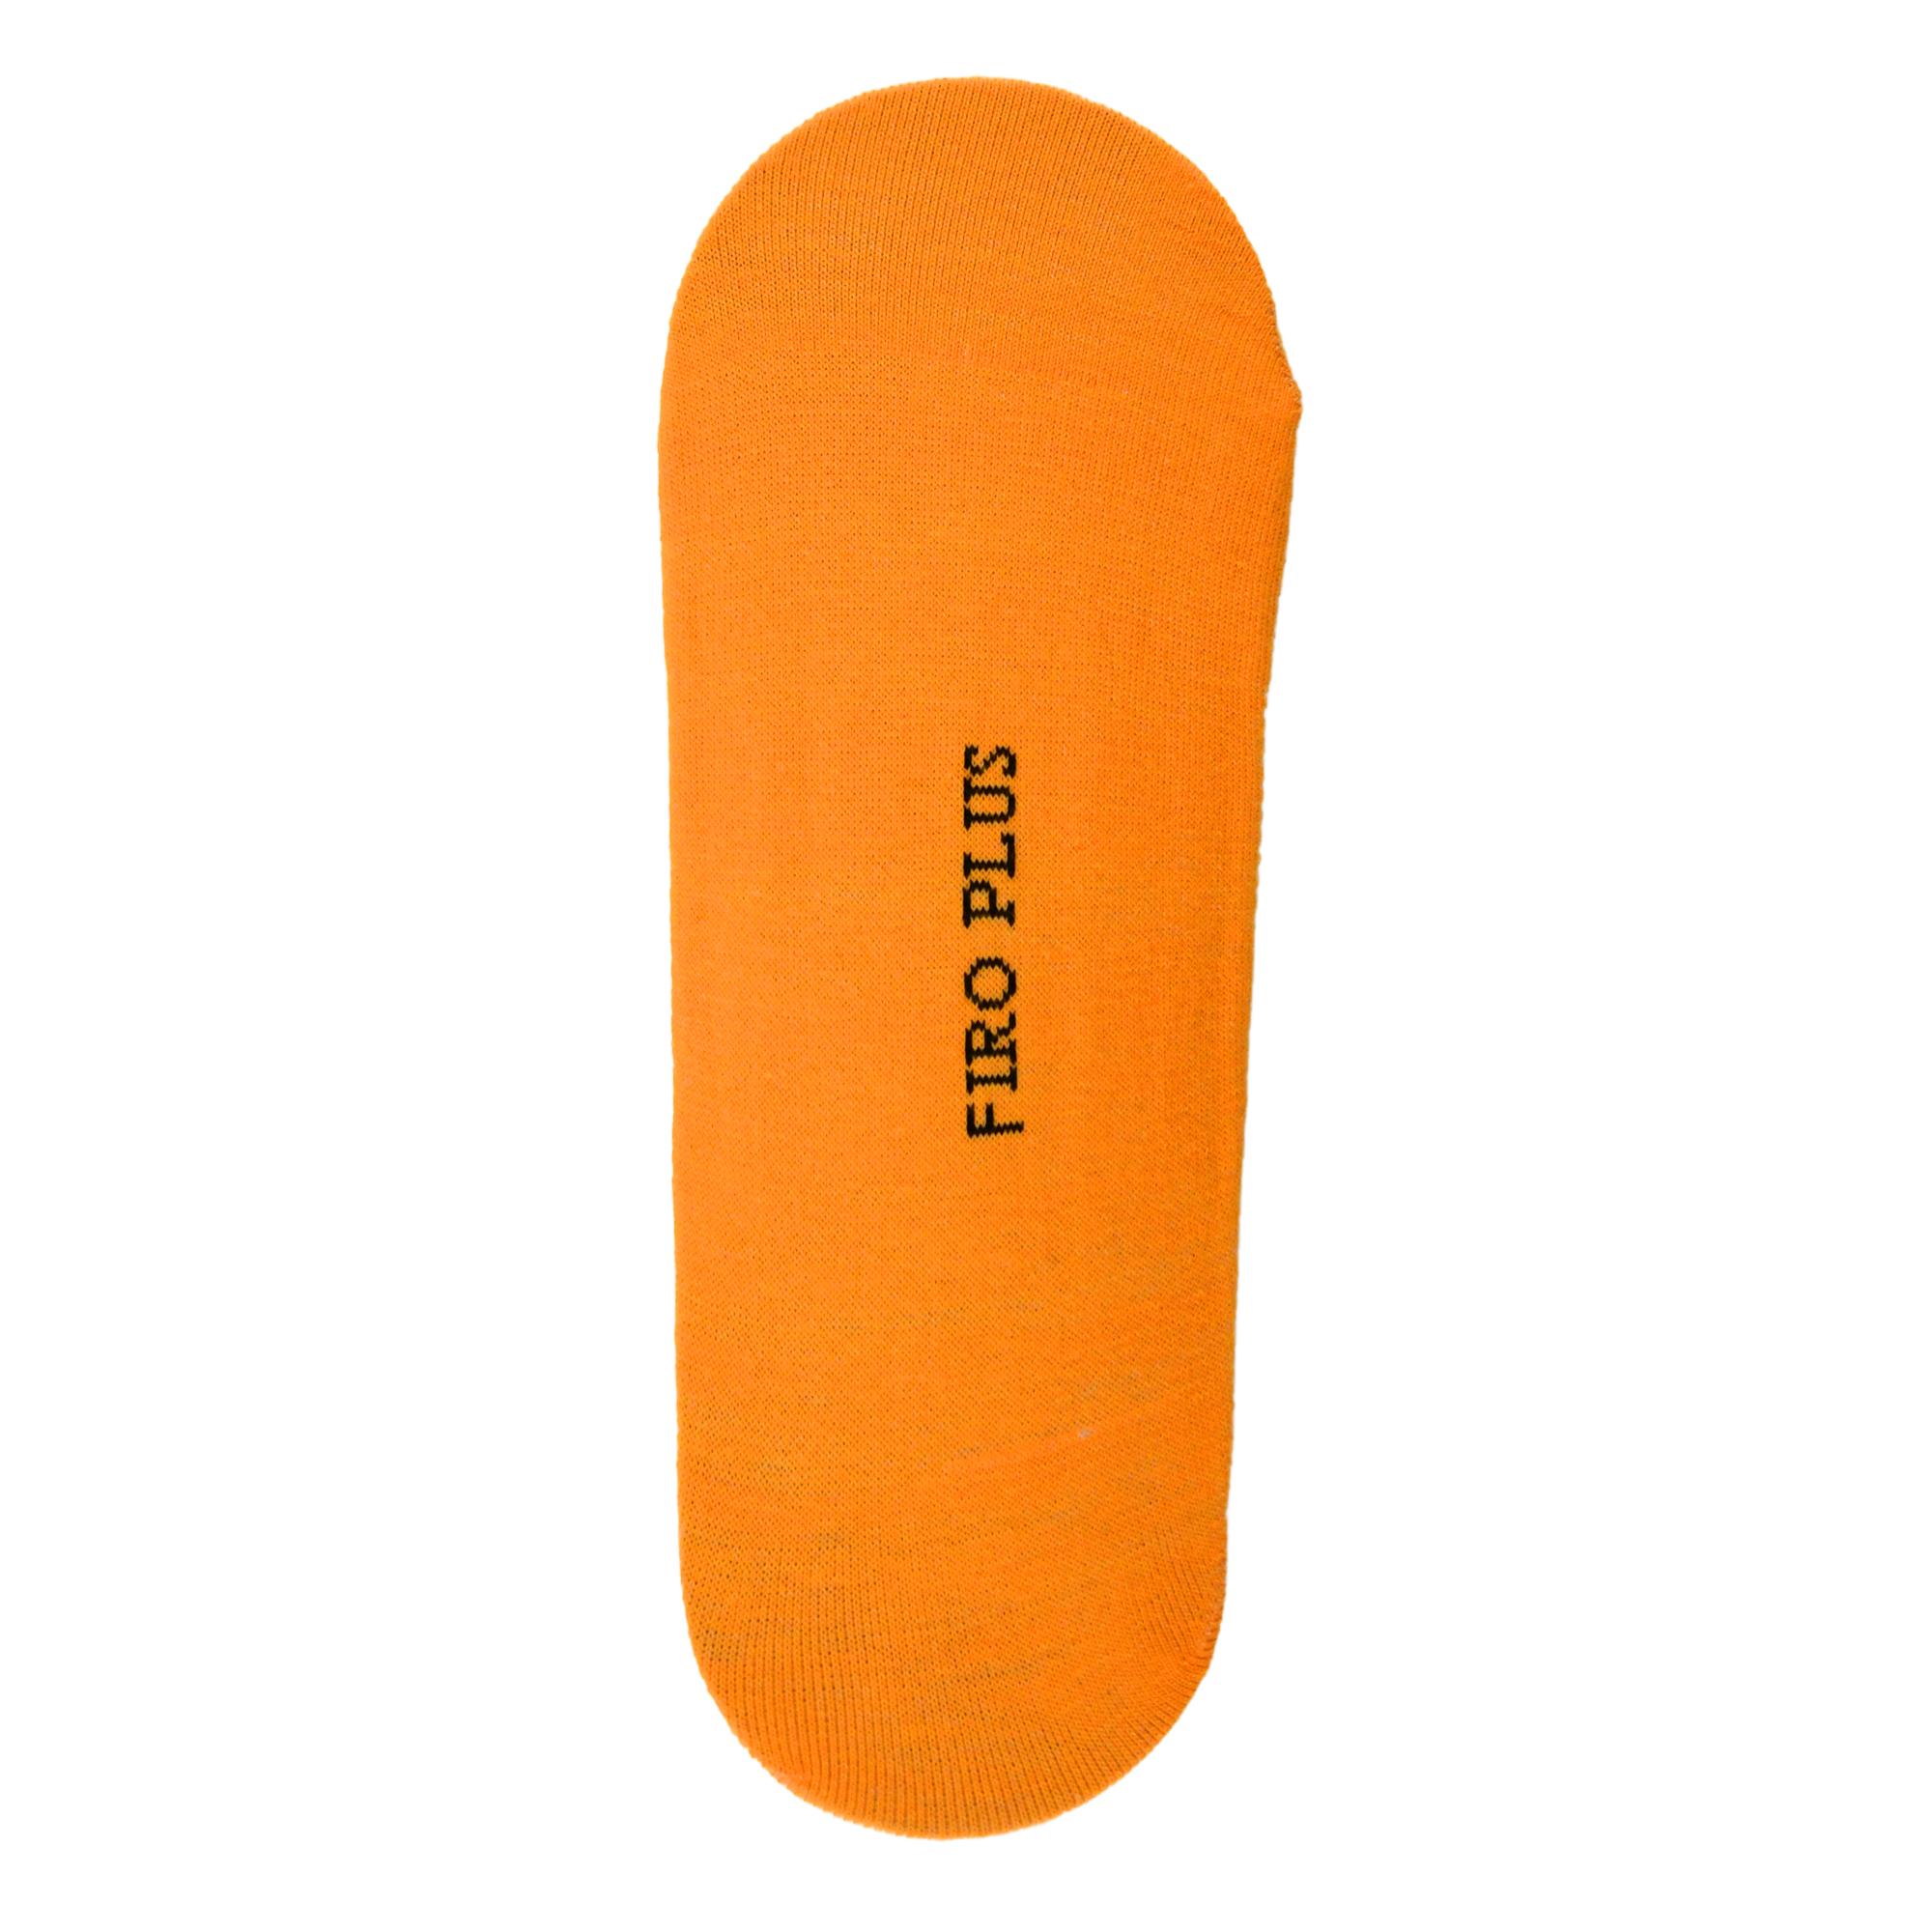 جوراب زنانه فیرو پلاس مدل KL601 مجموعه 6 عددی -  - 5